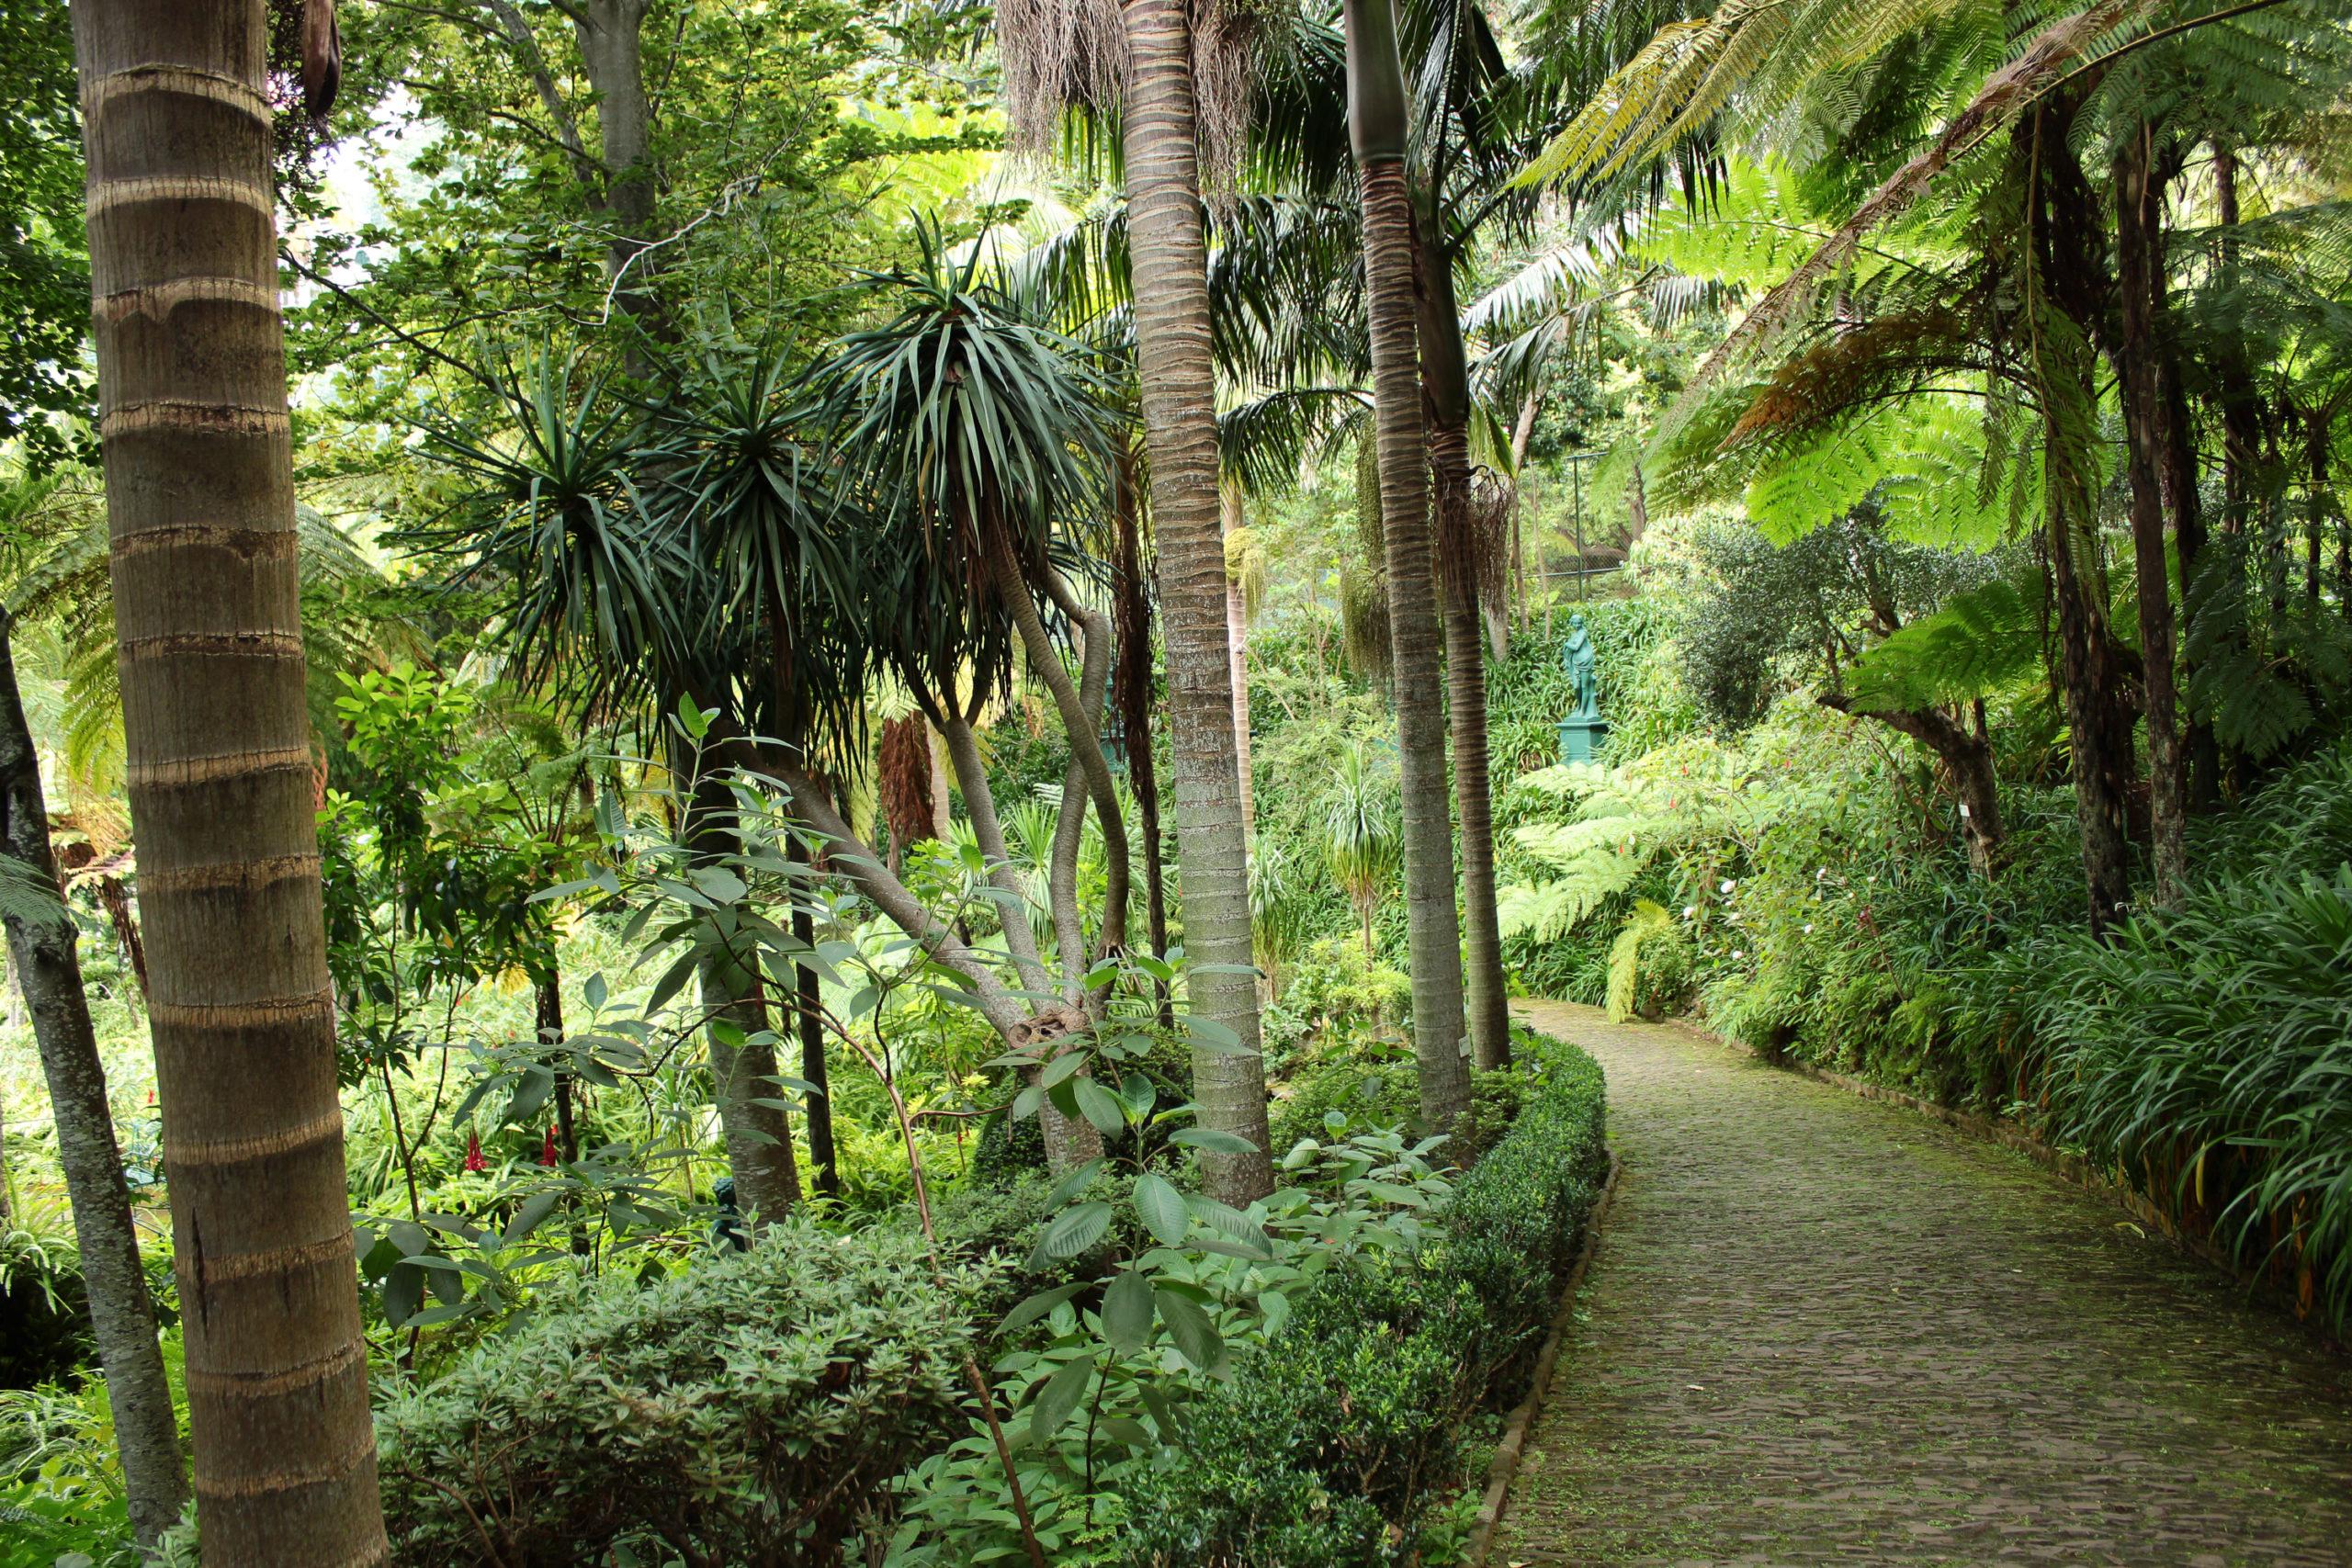 madera palmy ścieżka